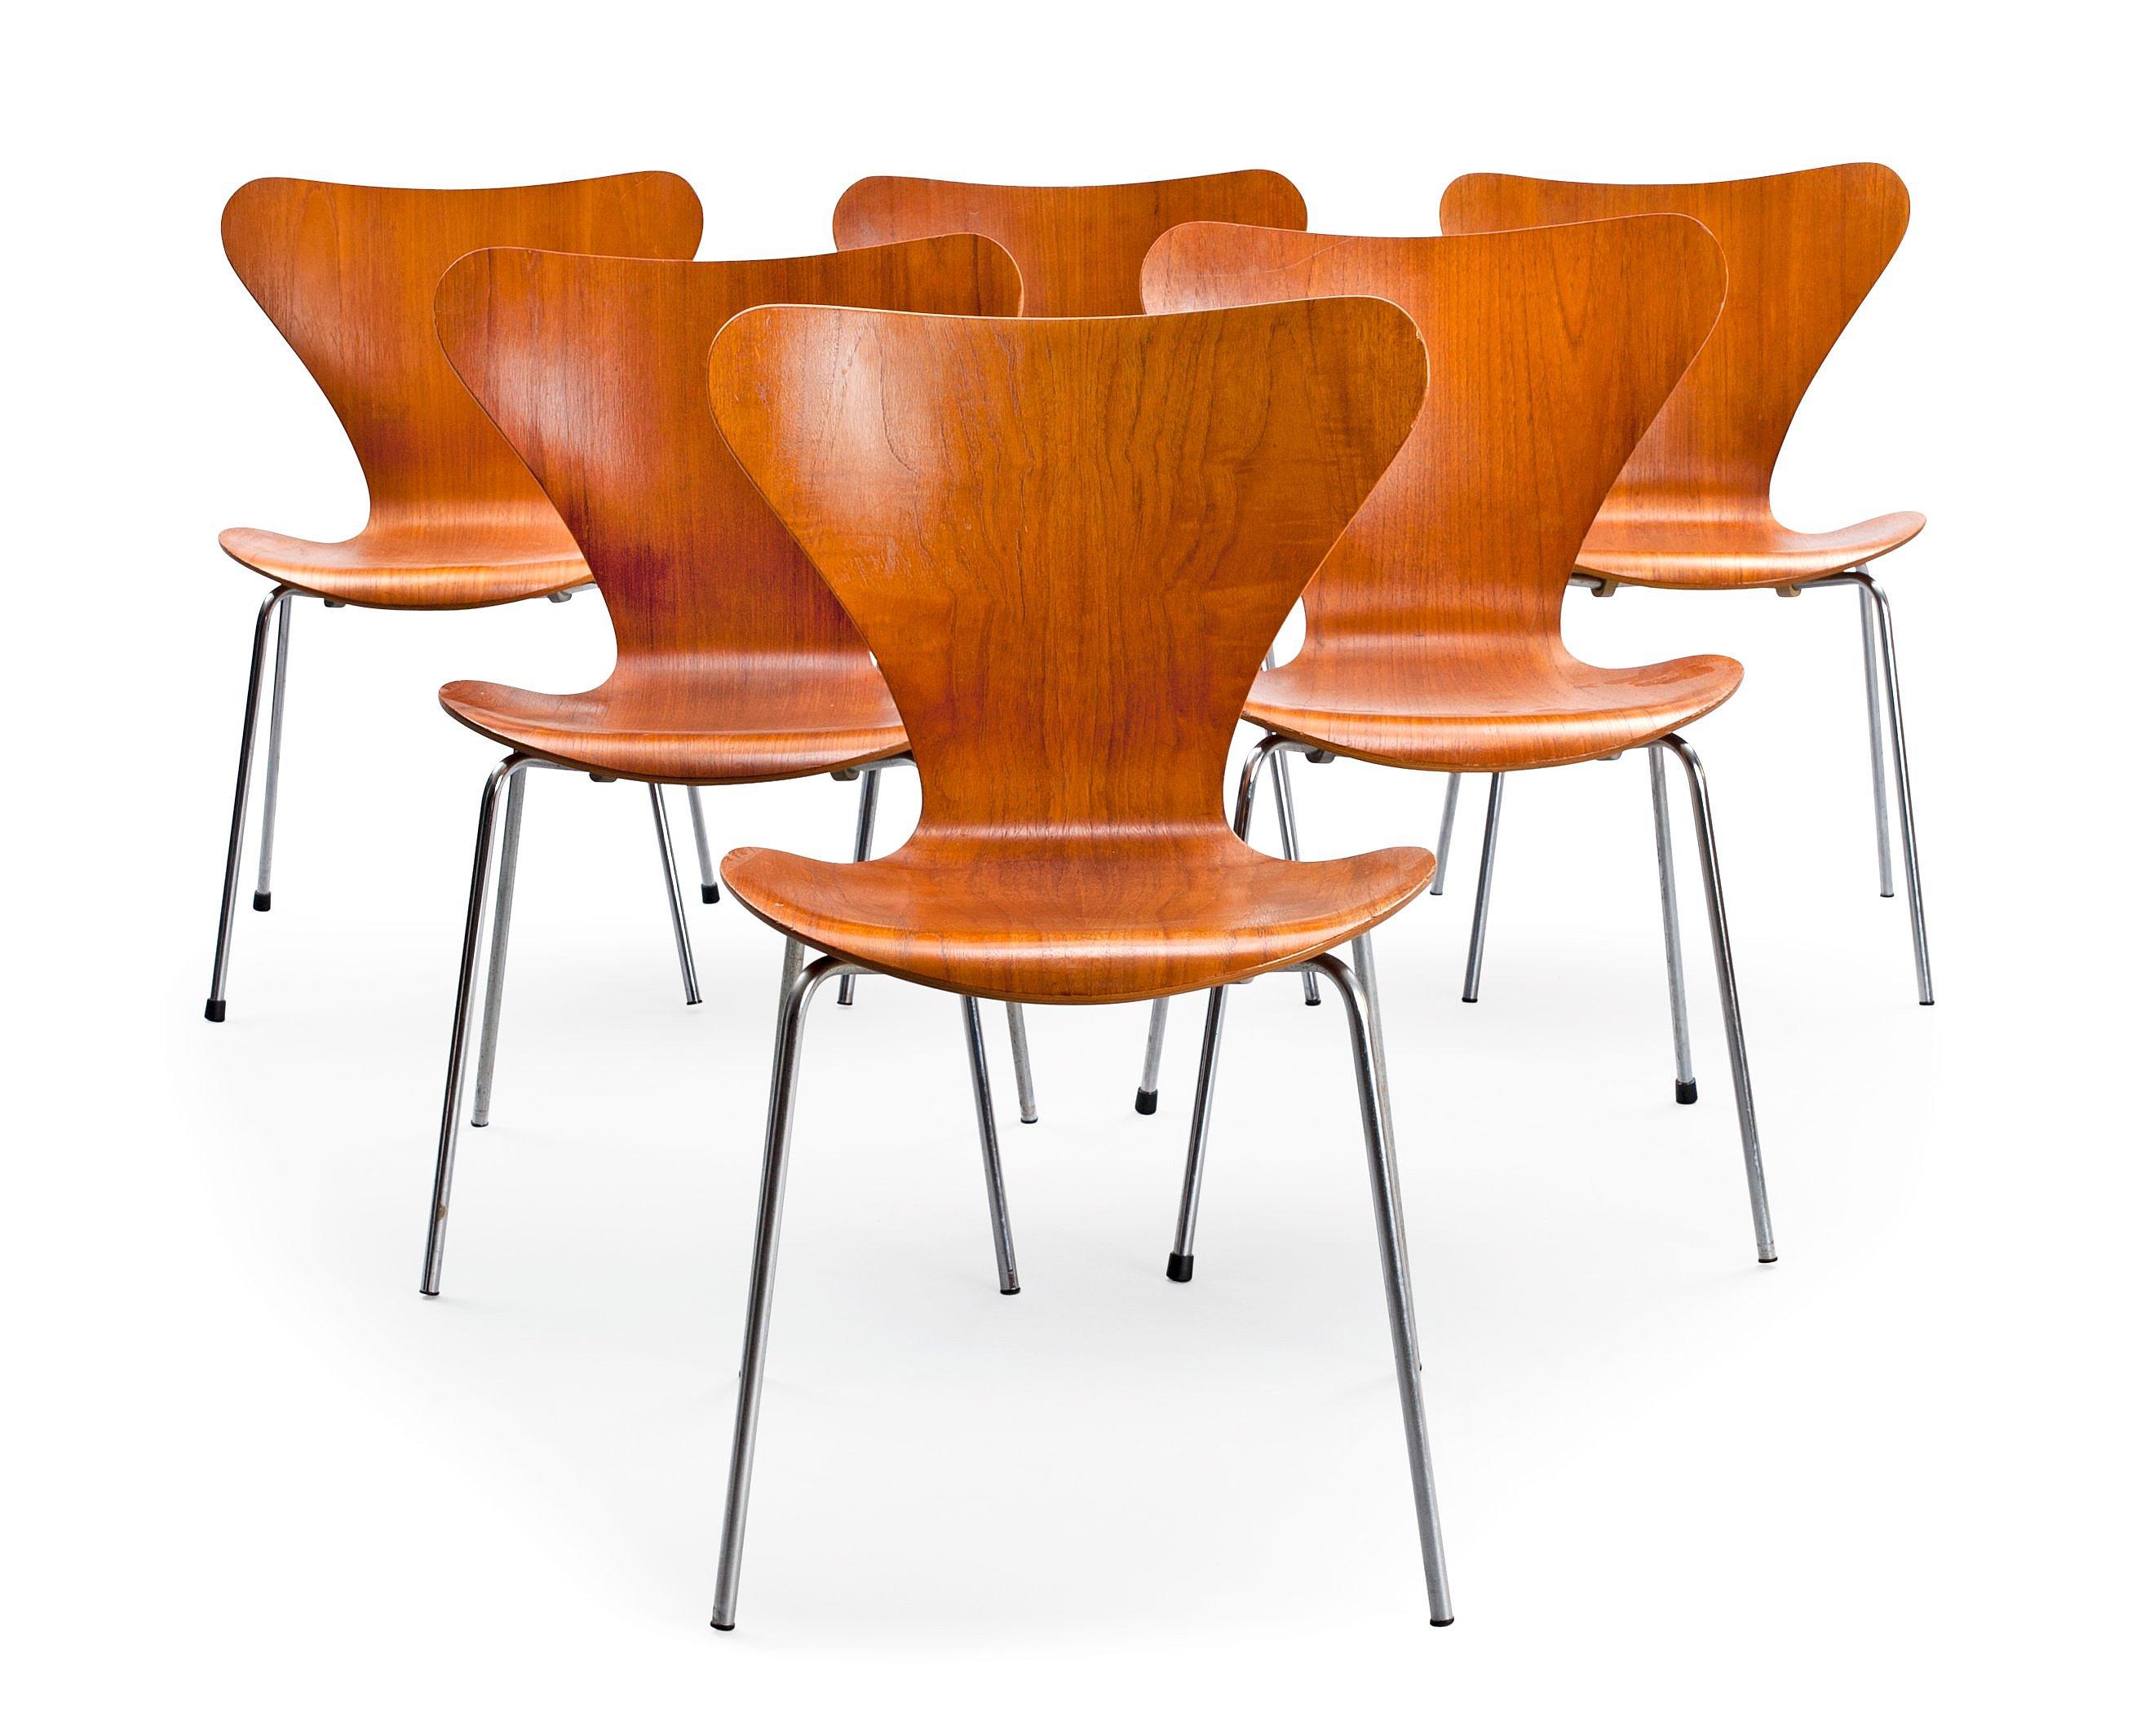 Arne Jacobsen Stoel : Arne jacobsen a set of six chairs. bukowskis